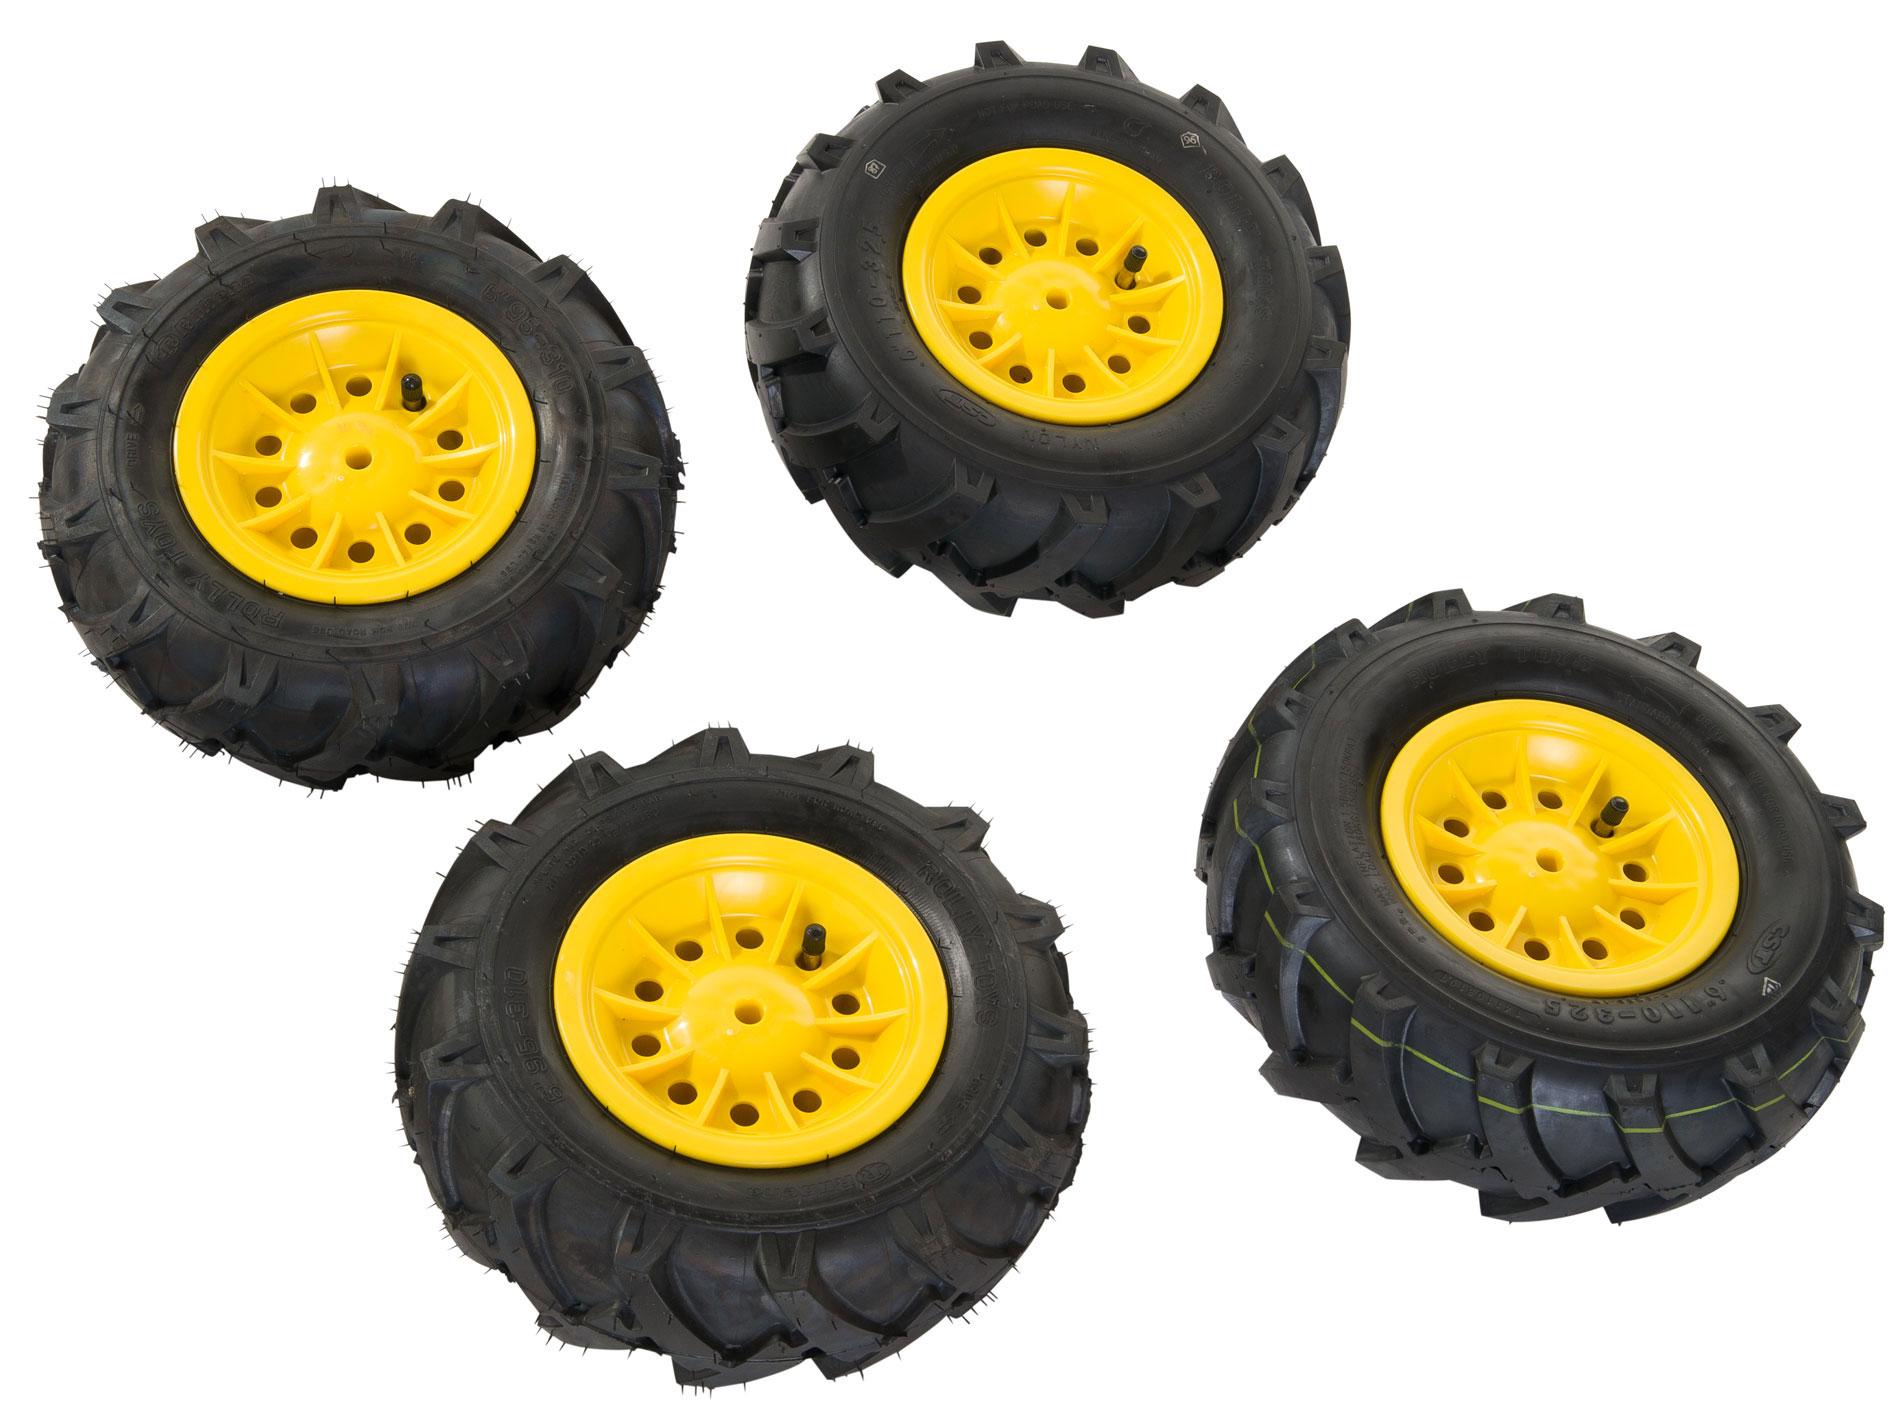 Räder rolly Luftbereifung für Tretfahrzeug 310x95 + 325x110 gelb Bild 1